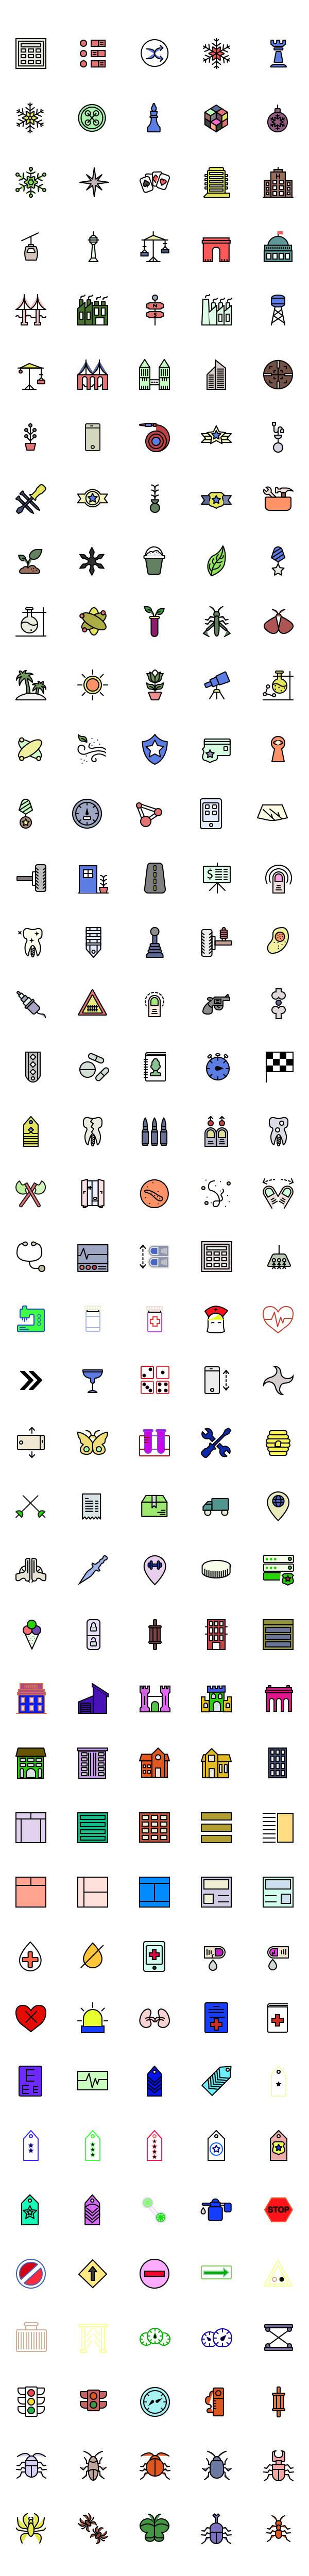 colored-icon